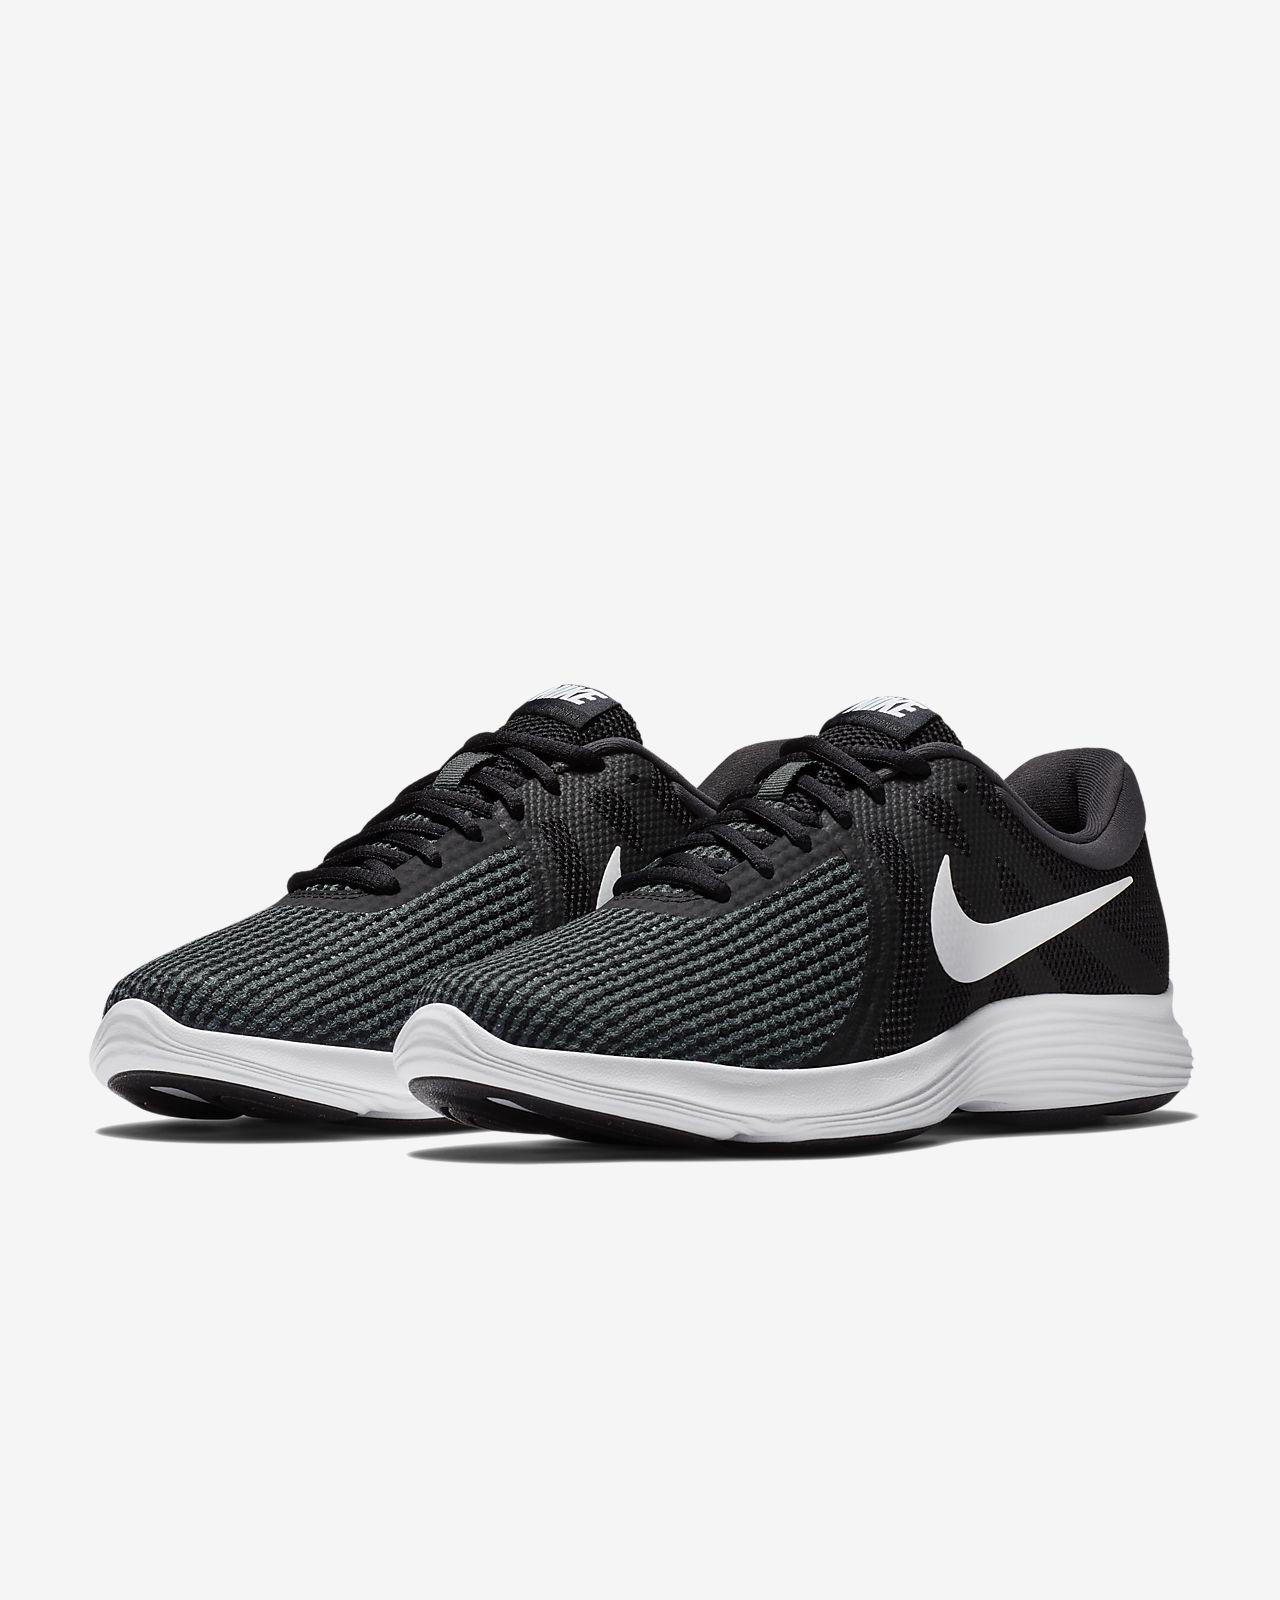 c396e86c248e38 Chaussure de running Nike Revolution 4 pour Homme (EU). Nike.com FR